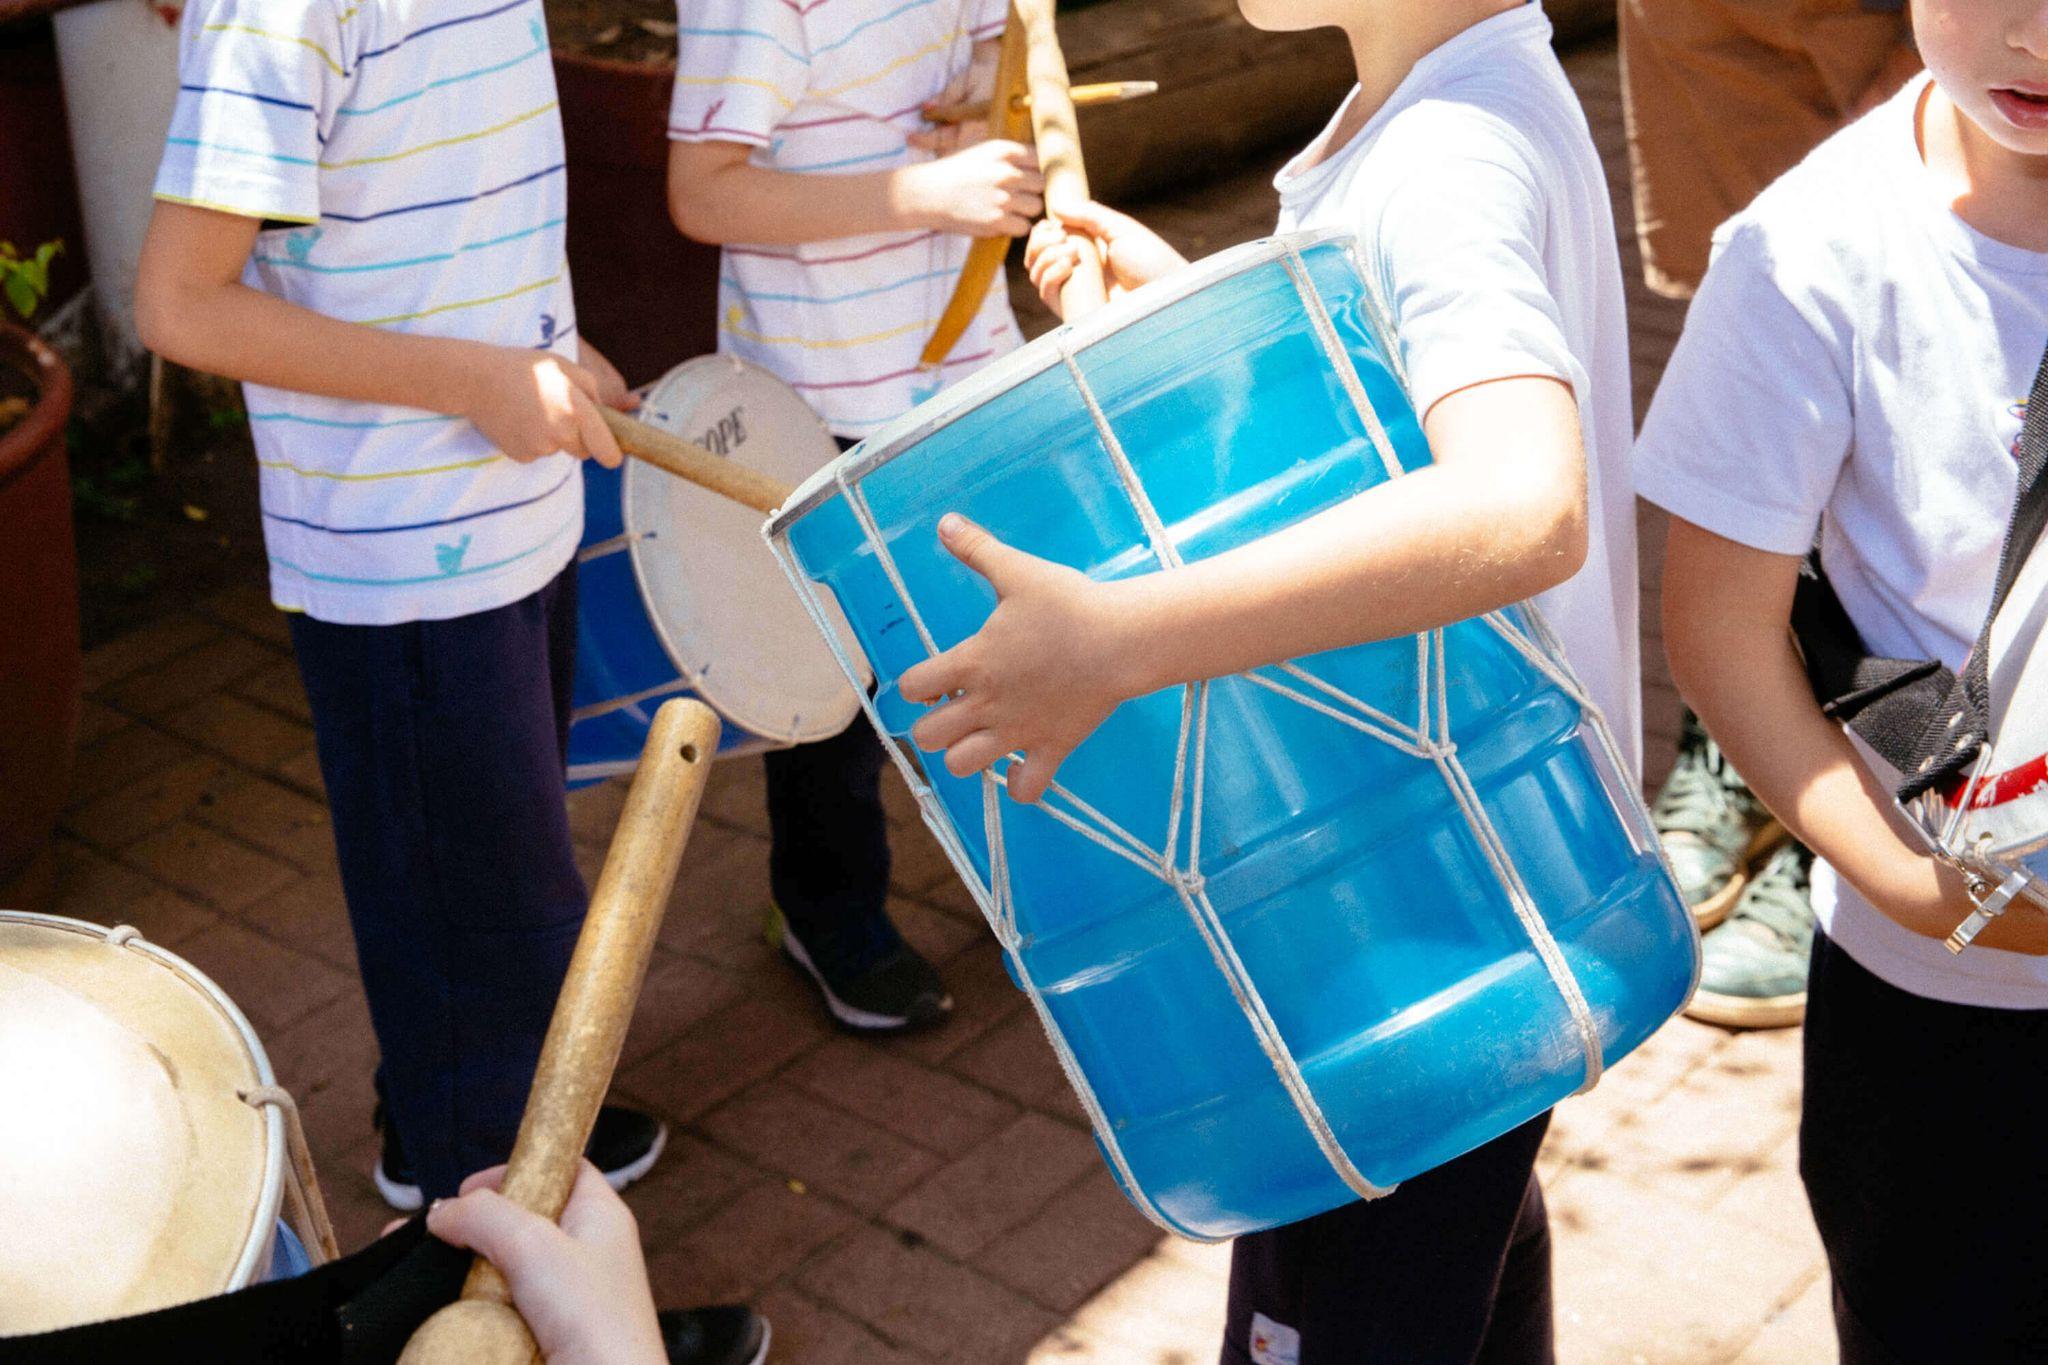 A imagem mostra um grupo de crianças com instrumentos musicais.